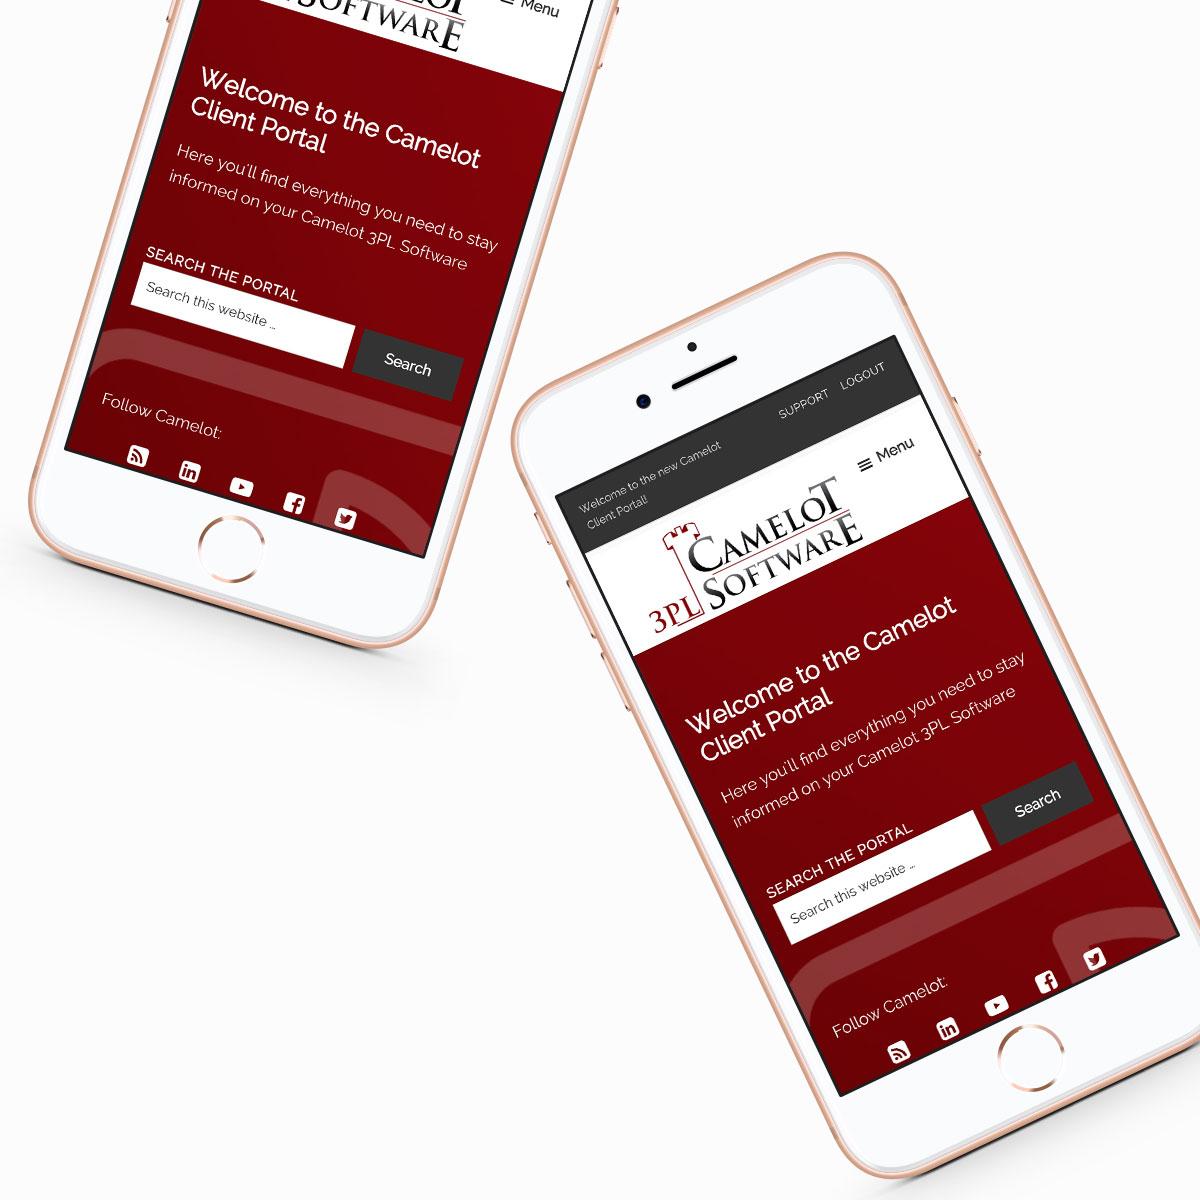 mobile-client-portal-web-design.jpg